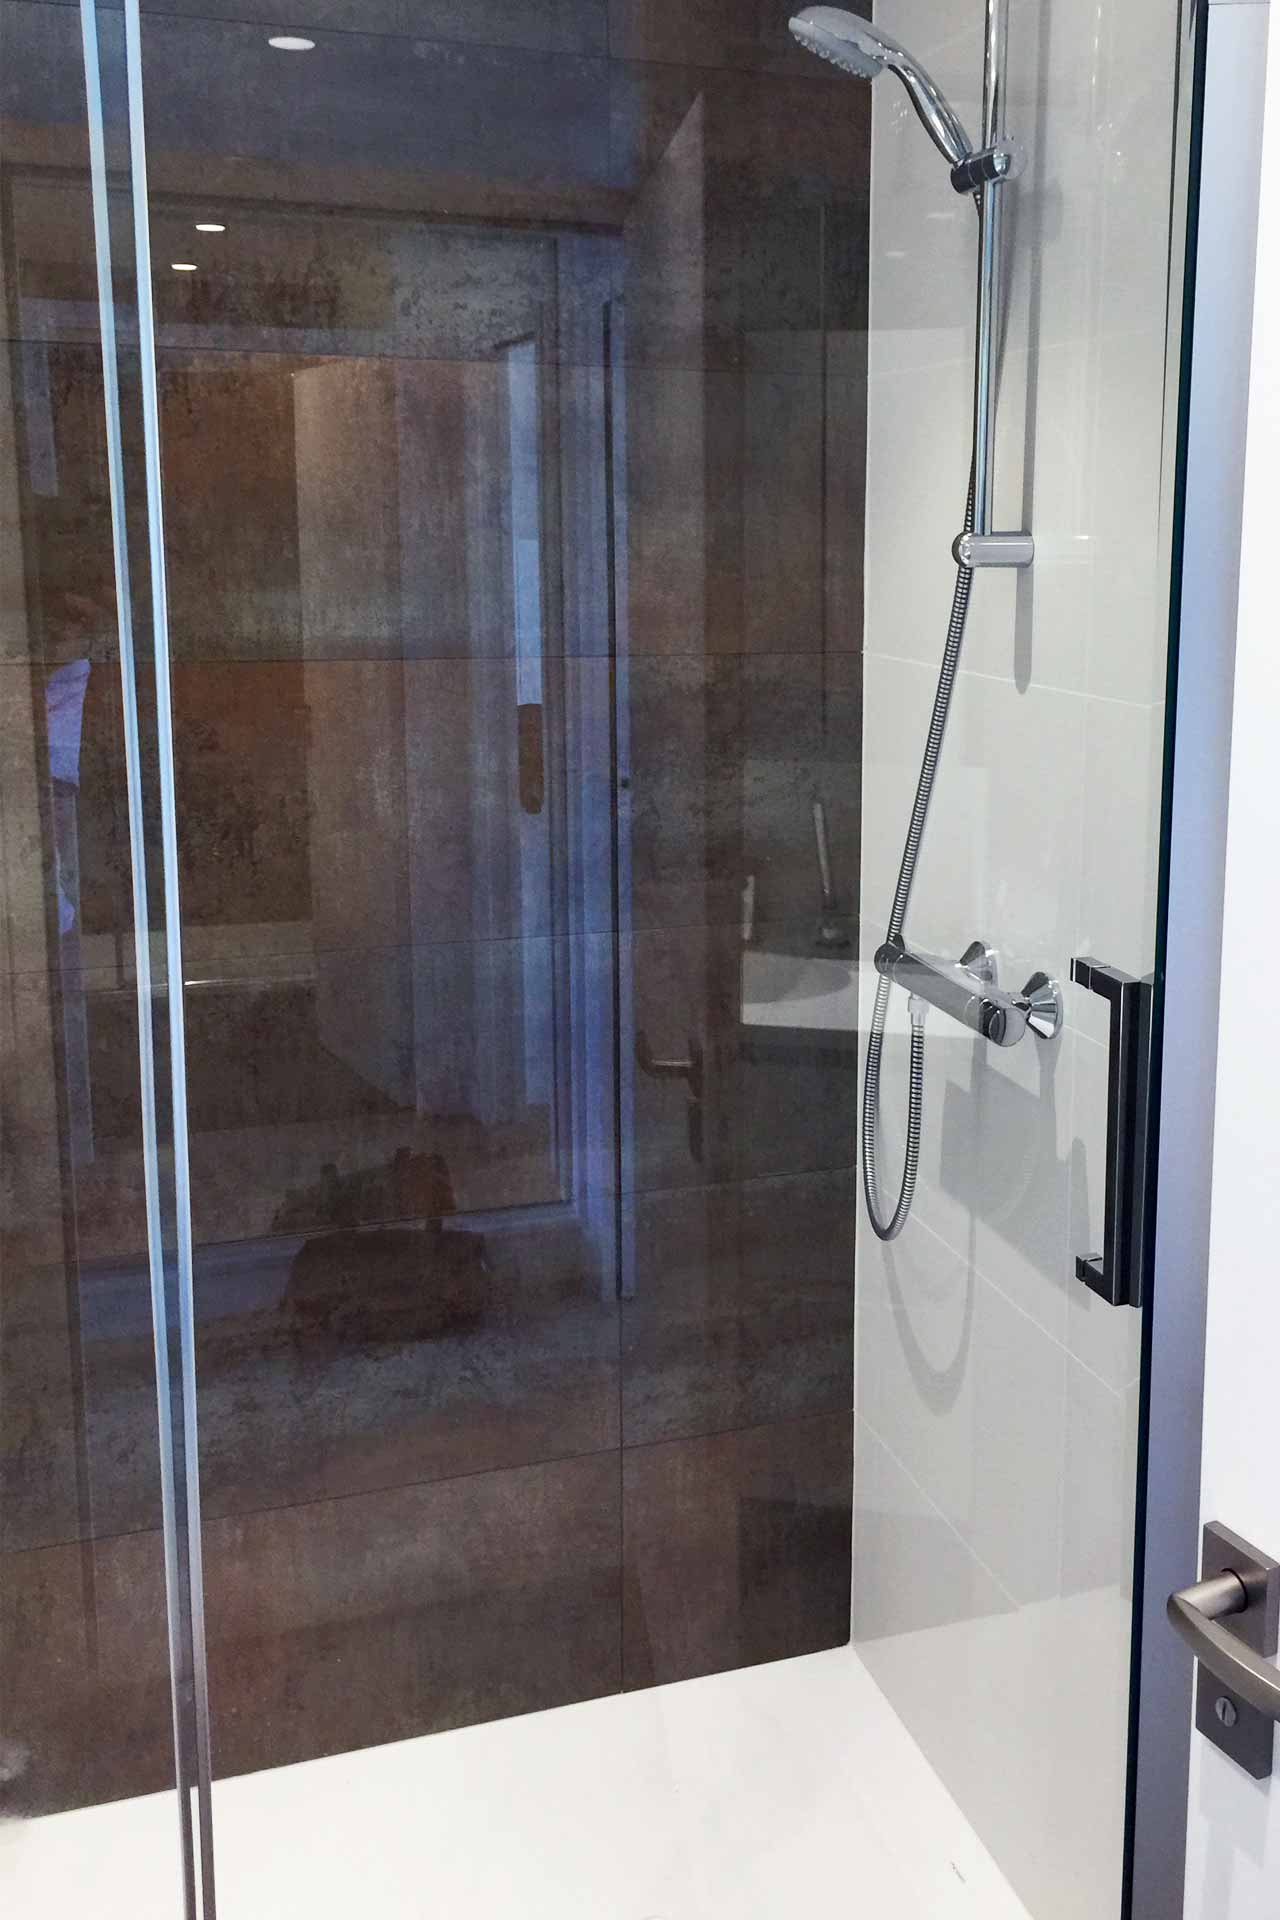 Douche spacieuse - rénovation complète d'un appartement Architecture d'intérieur